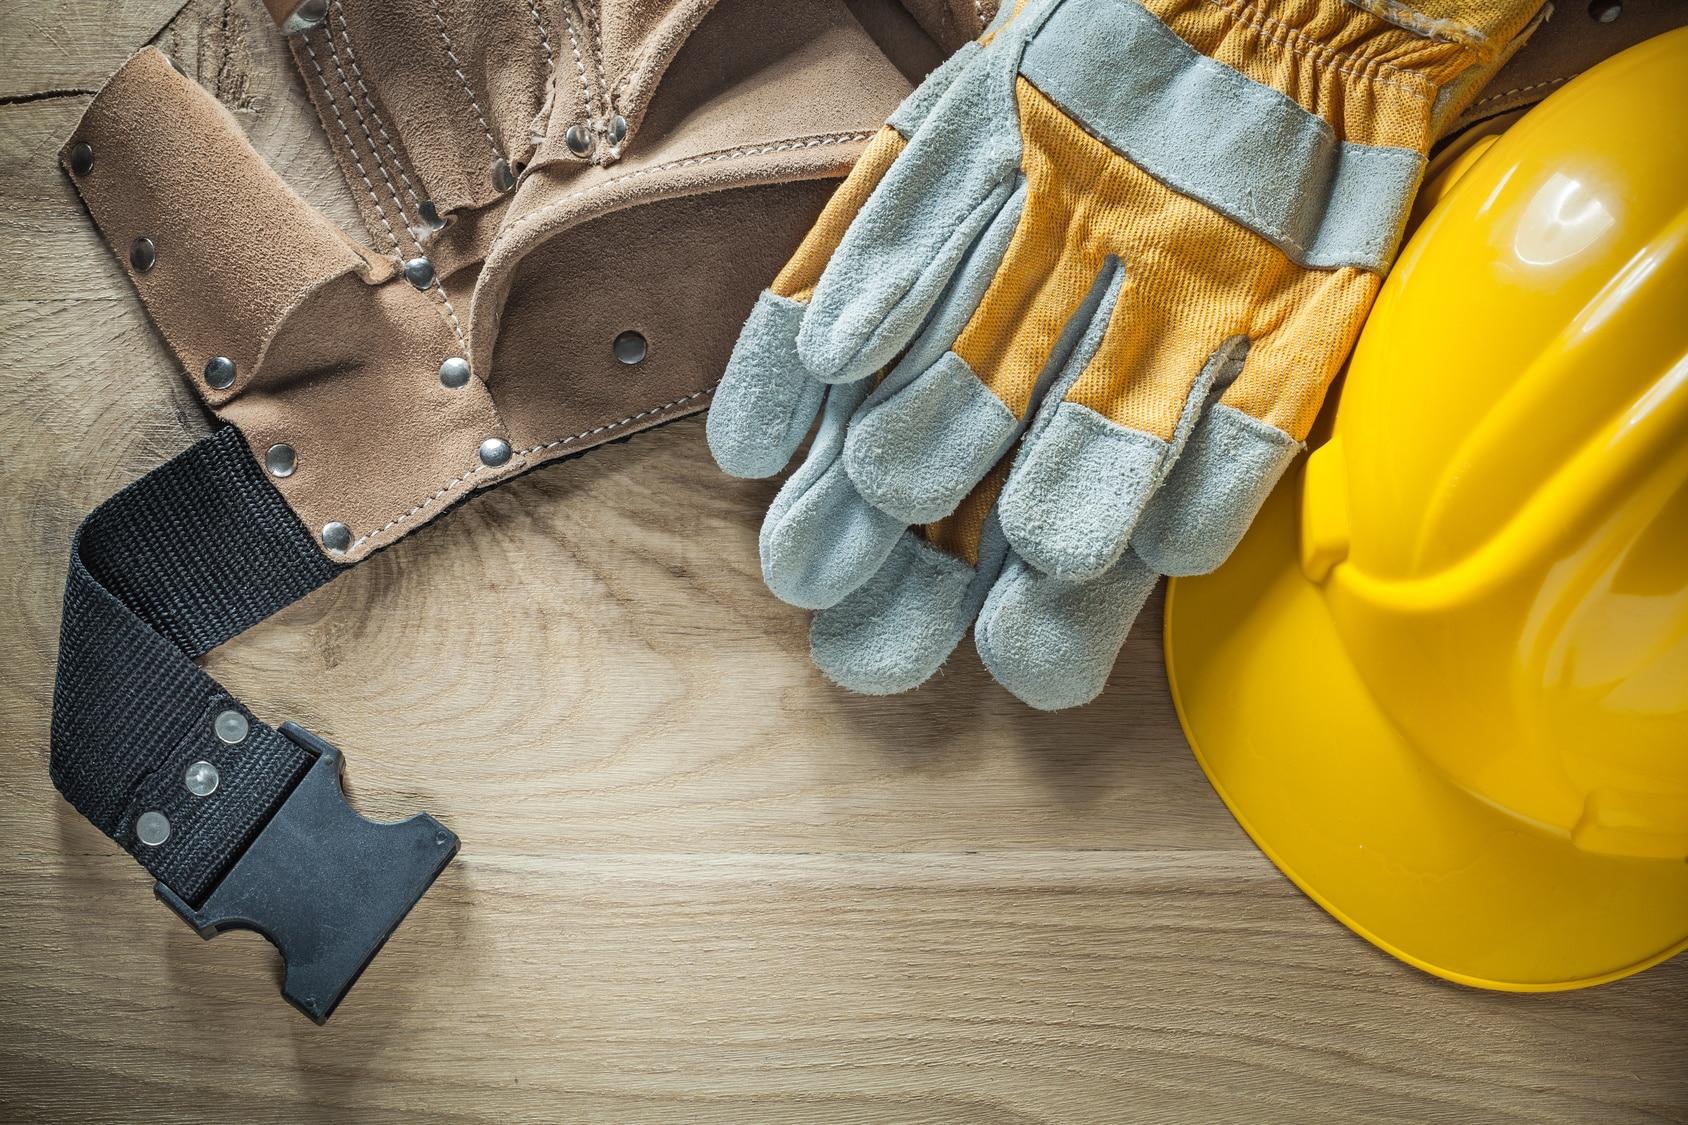 חברות לעבודות גובה, עבודות סנפלינג, עבודות מורכבות בגבהים – אינדקס עבודה בגובה